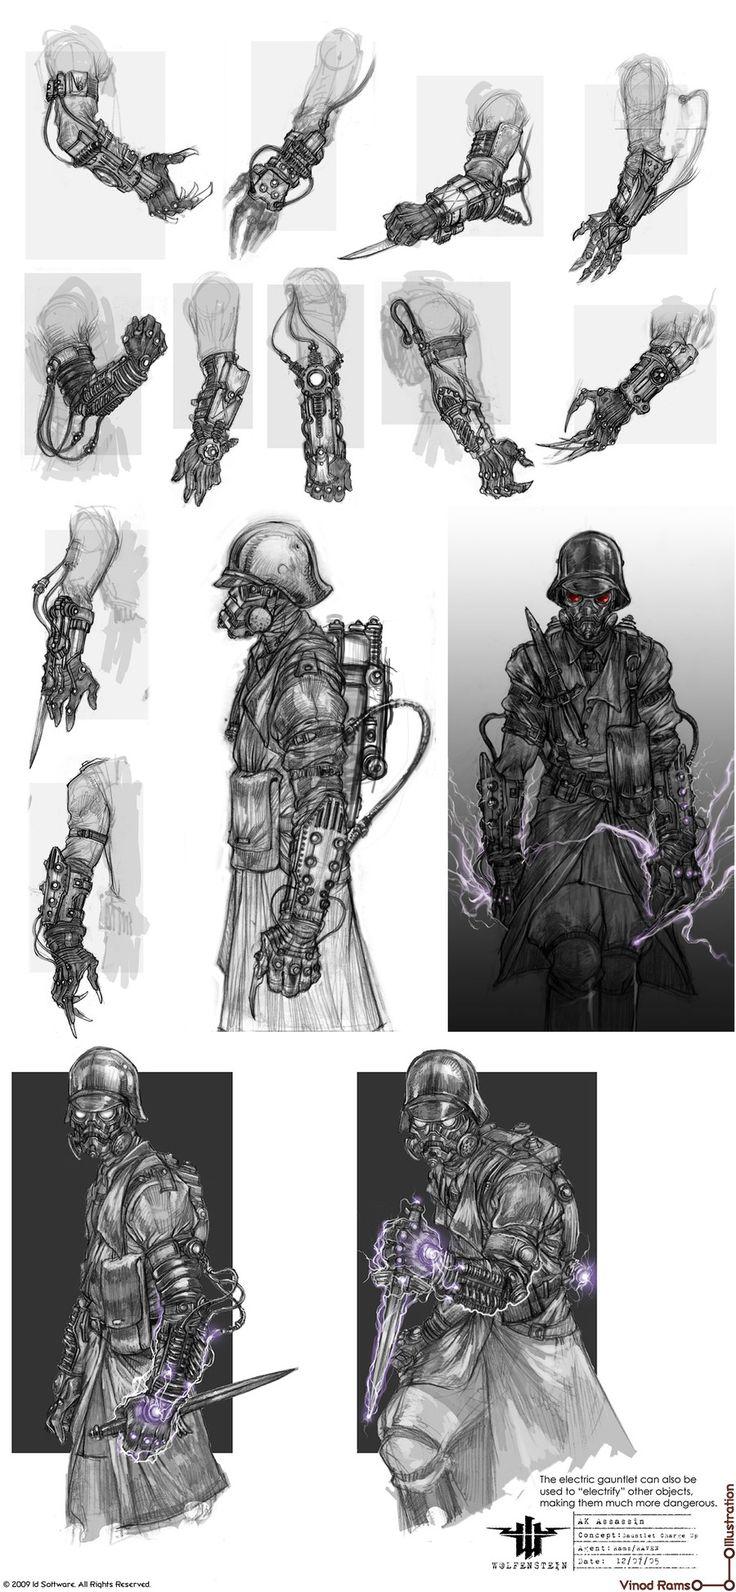 vinodrams - Wolfenstein>Misc. Concepts Love these arm ideas